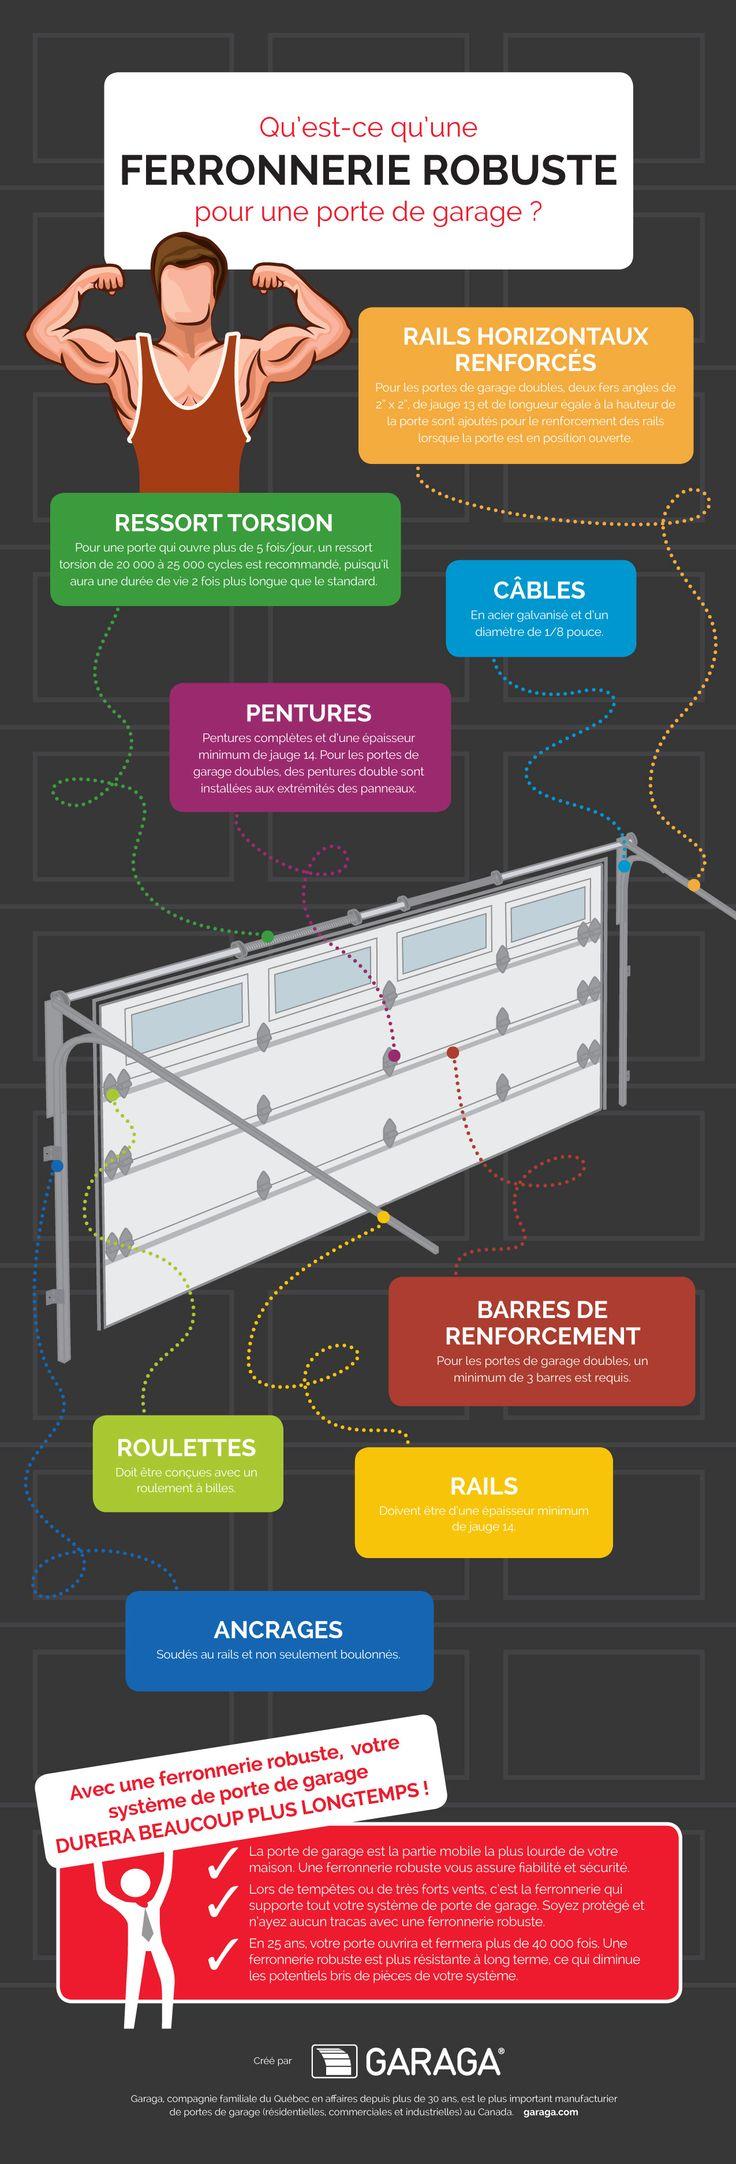 Rails, ressorts, câbles et pentures, des composantes de la ferronnerie d'une porte de garage qui sont aussi importantes que la porte elle-même.